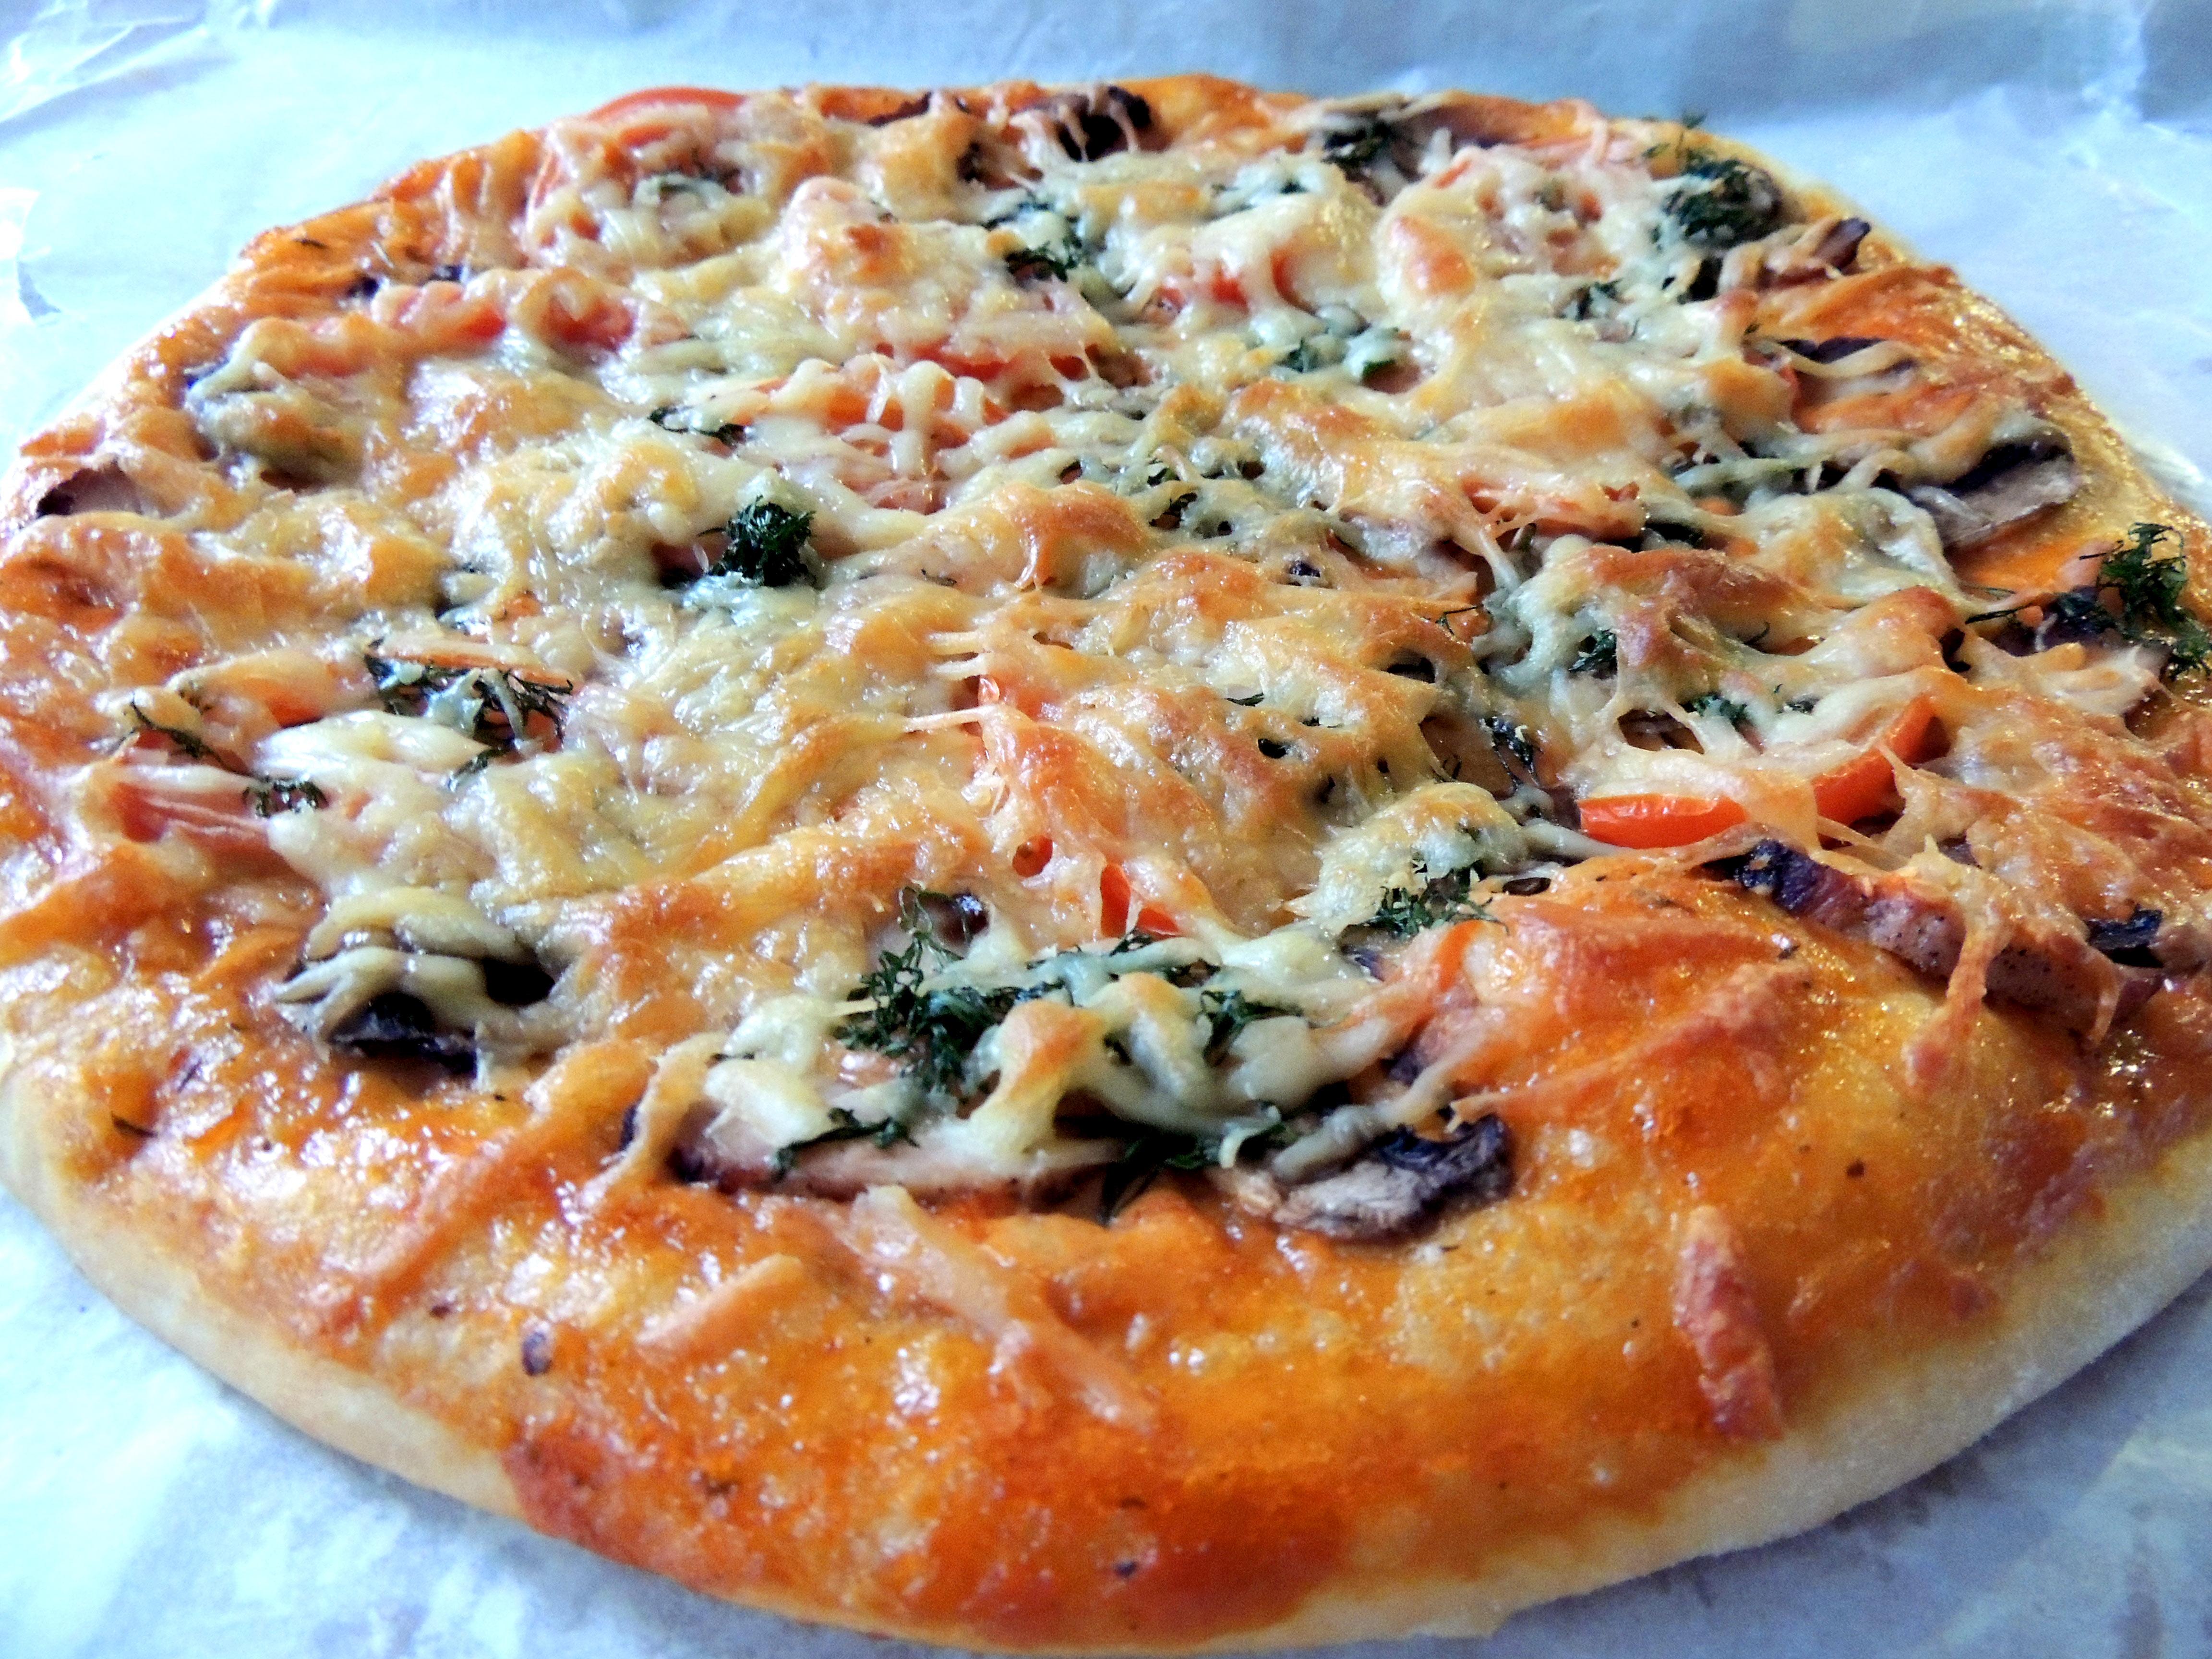 лучшее тесто для пиццы рецепт с фото брёл первую пару